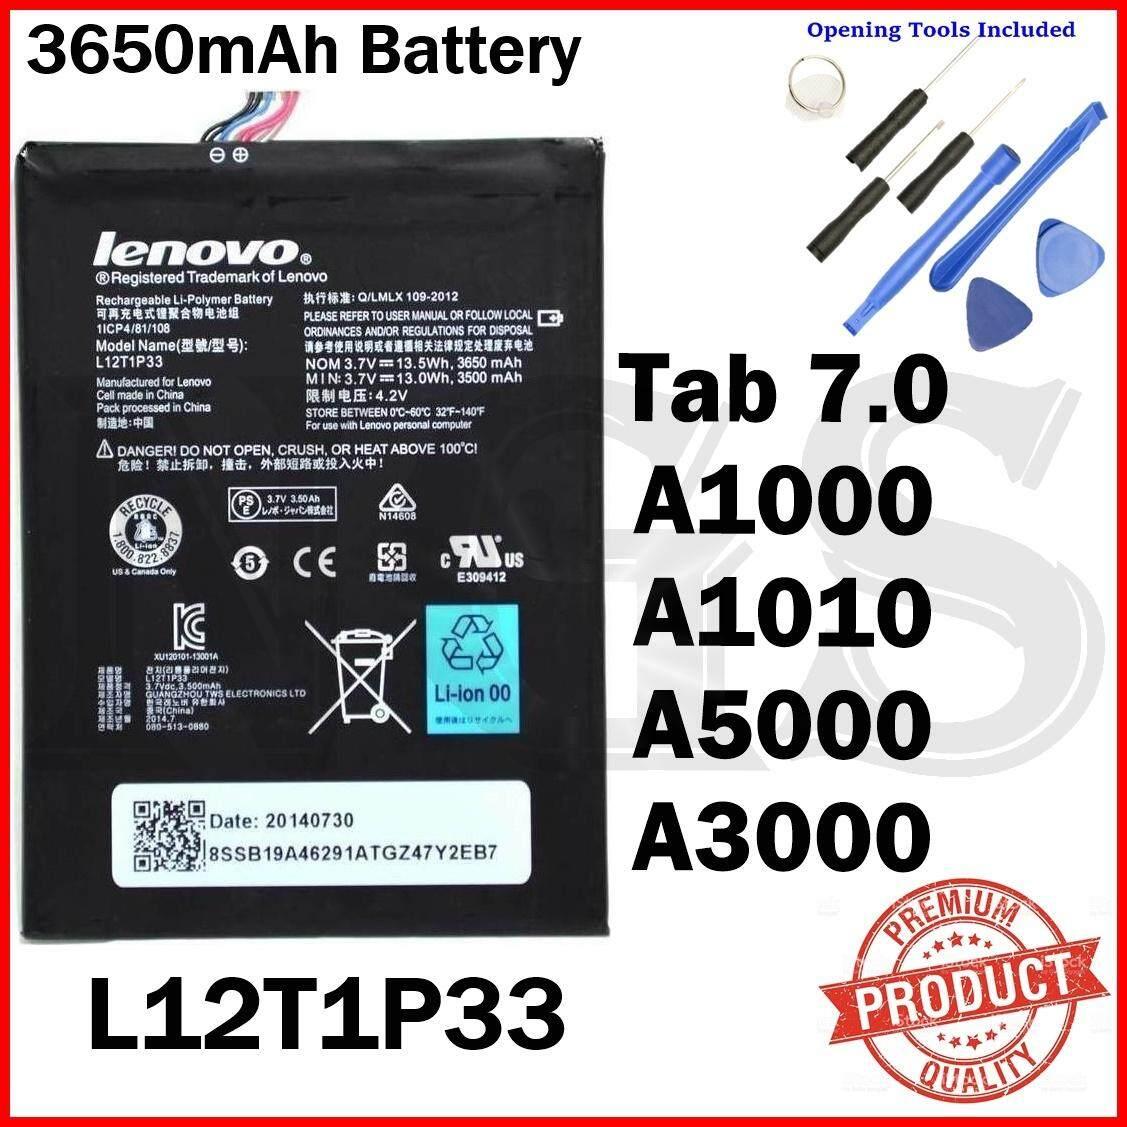 COMFORT Baterai BL253 Double Power for LENOVO A1000/A2010 4000mAh. Source · Batre Acer